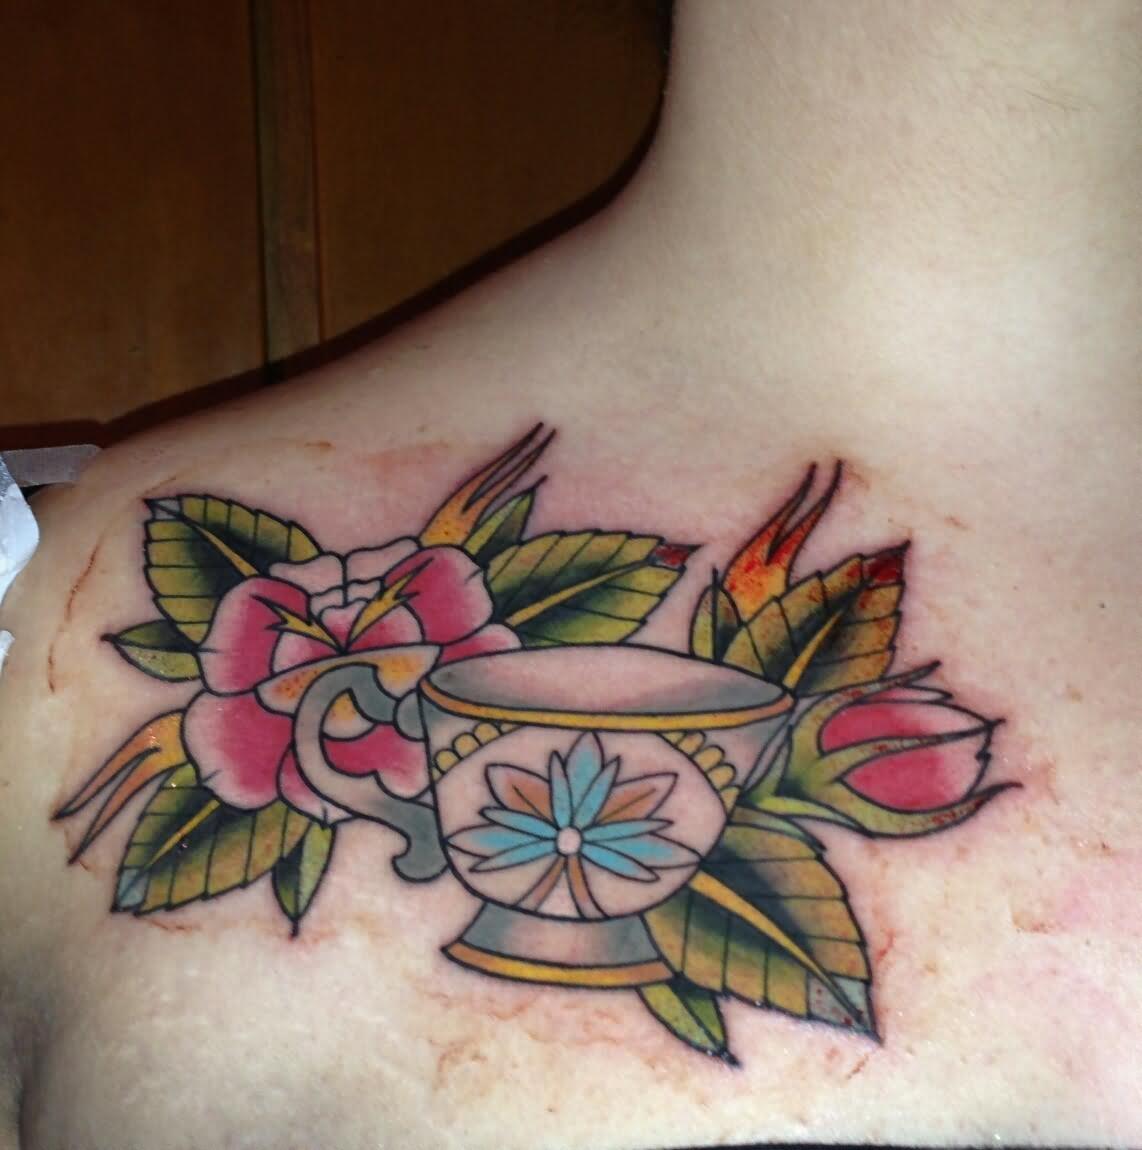 28 Simple Teacup Tattoos